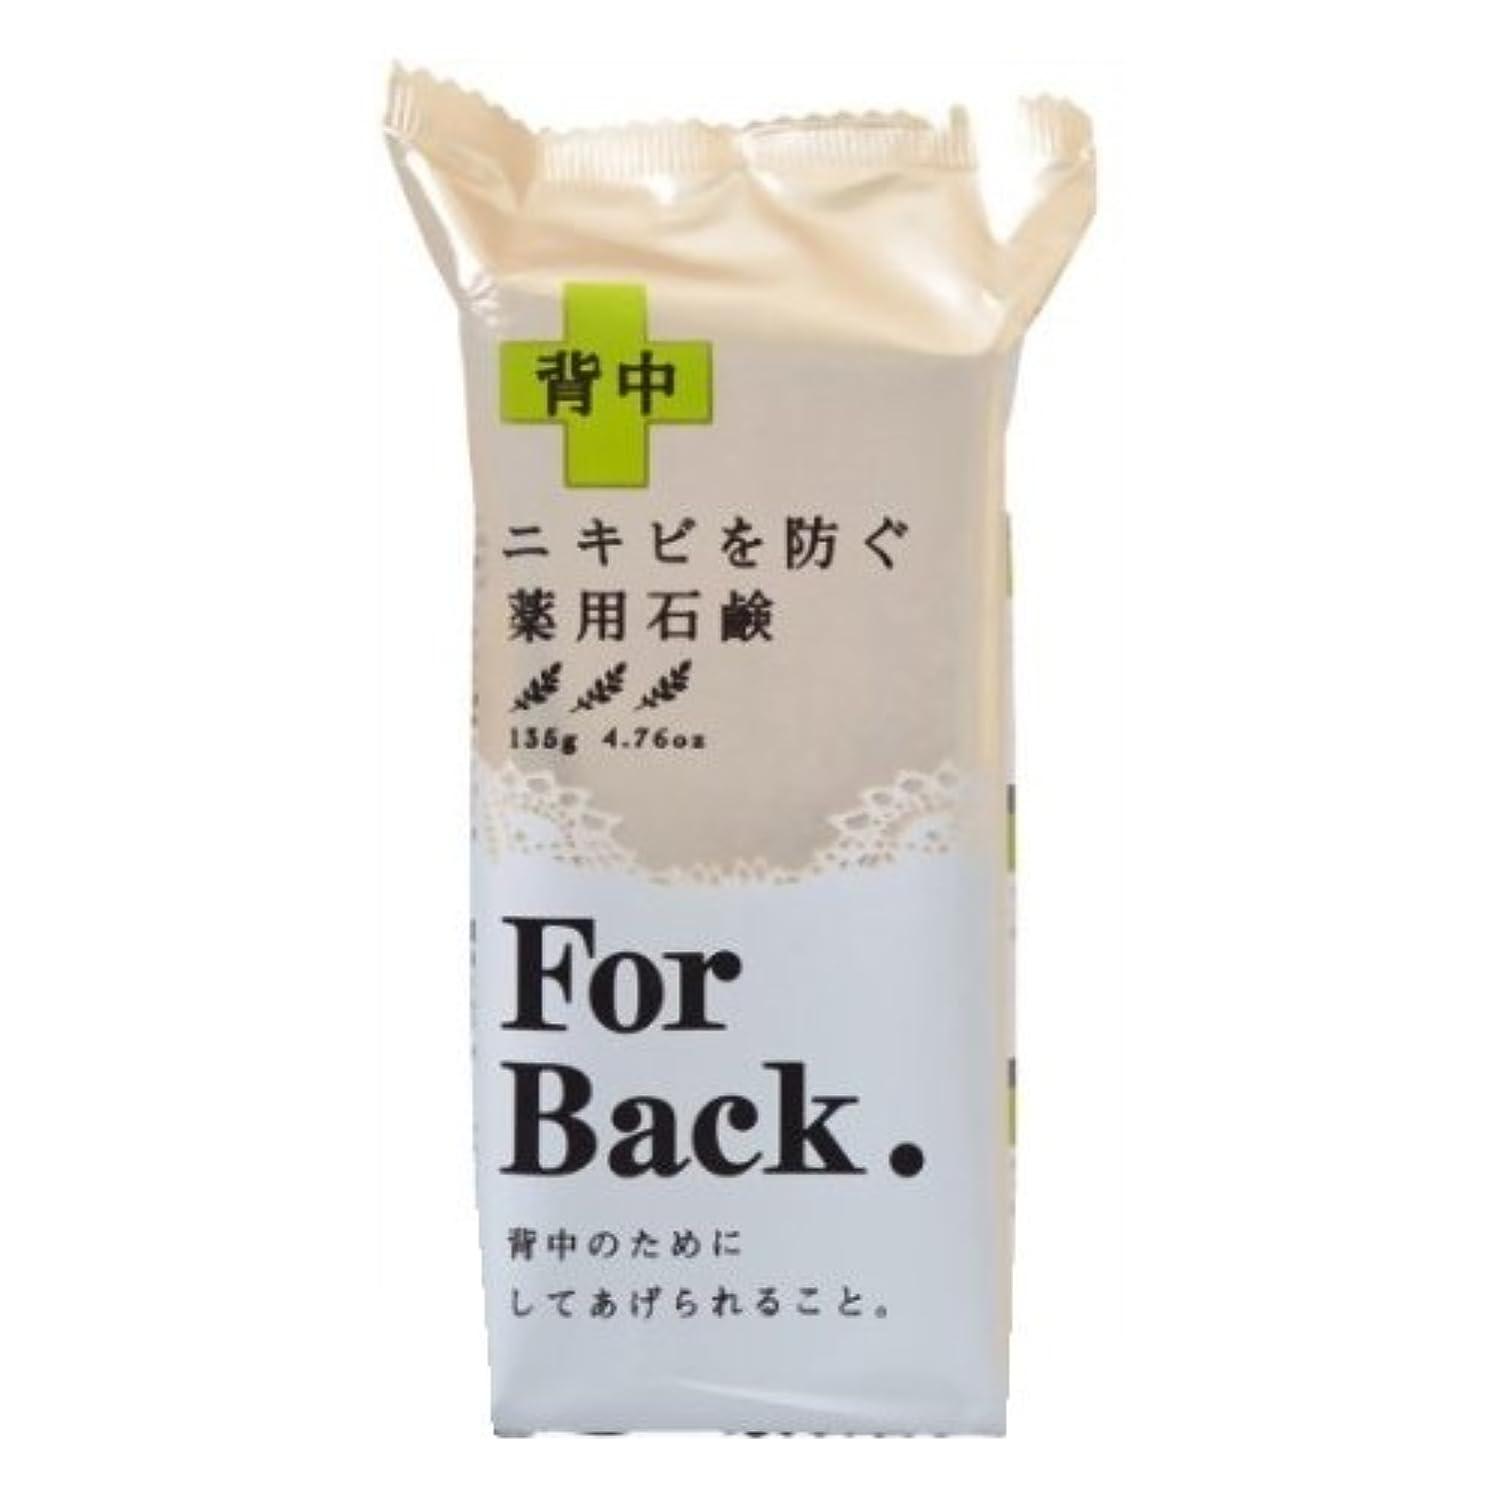 沼地種類摘む薬用石鹸ForBack 135g